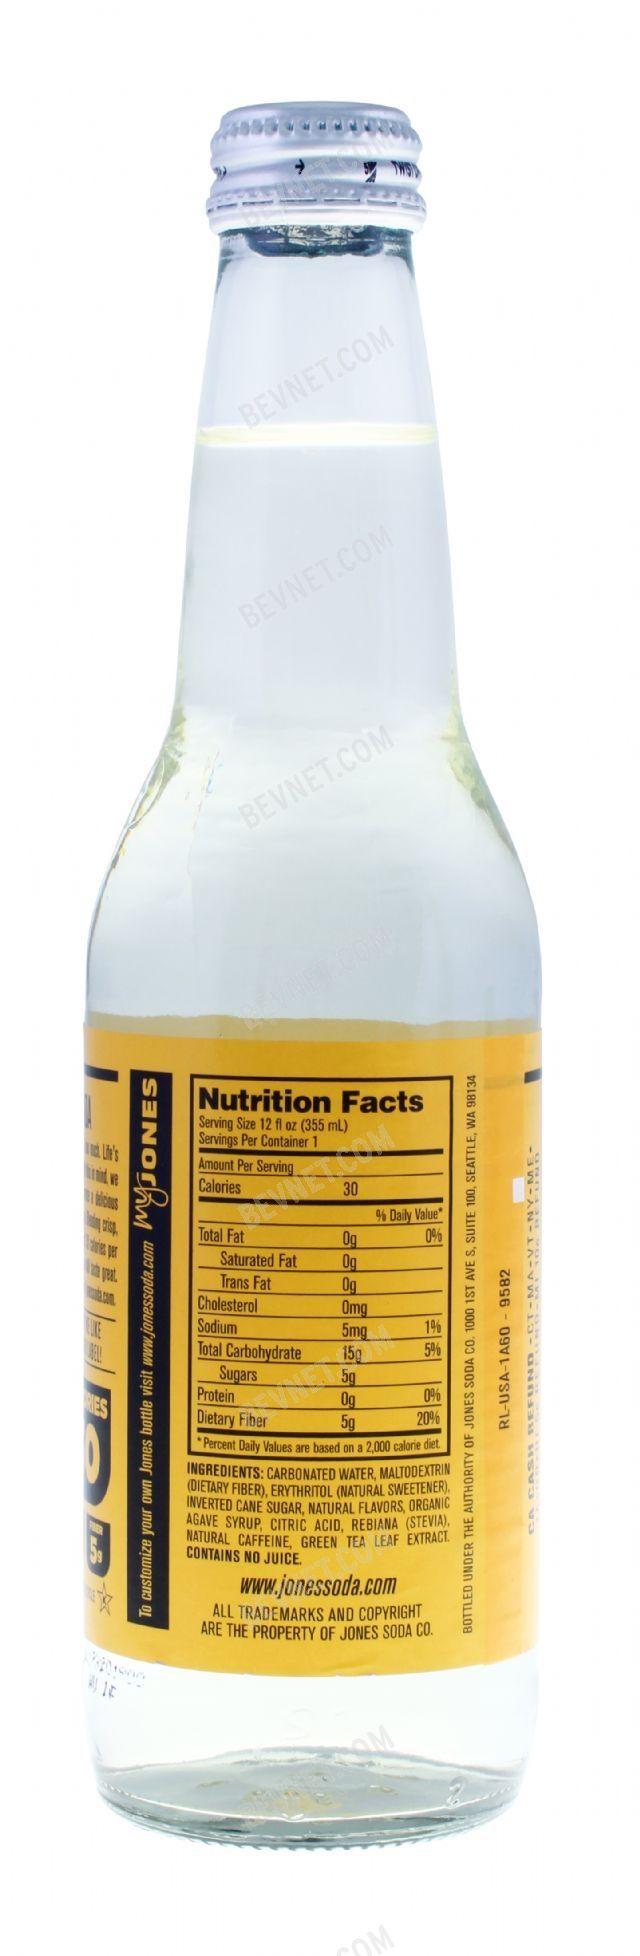 Natural Jones Soda: